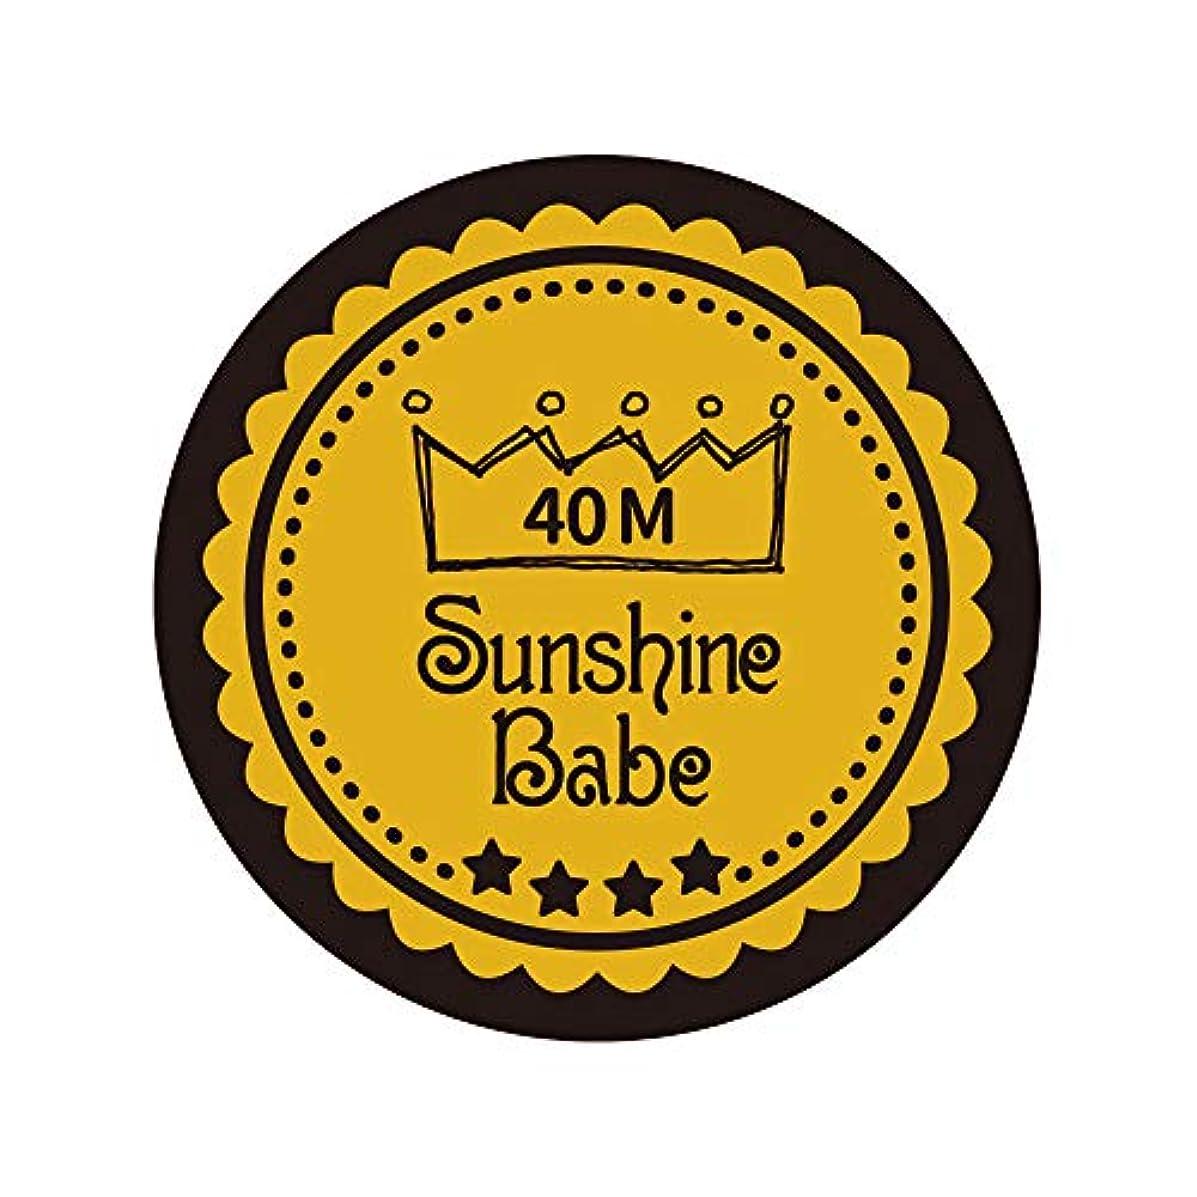 作りええ同僚Sunshine Babe カラージェル 40M セイロンイエロー 4g UV/LED対応